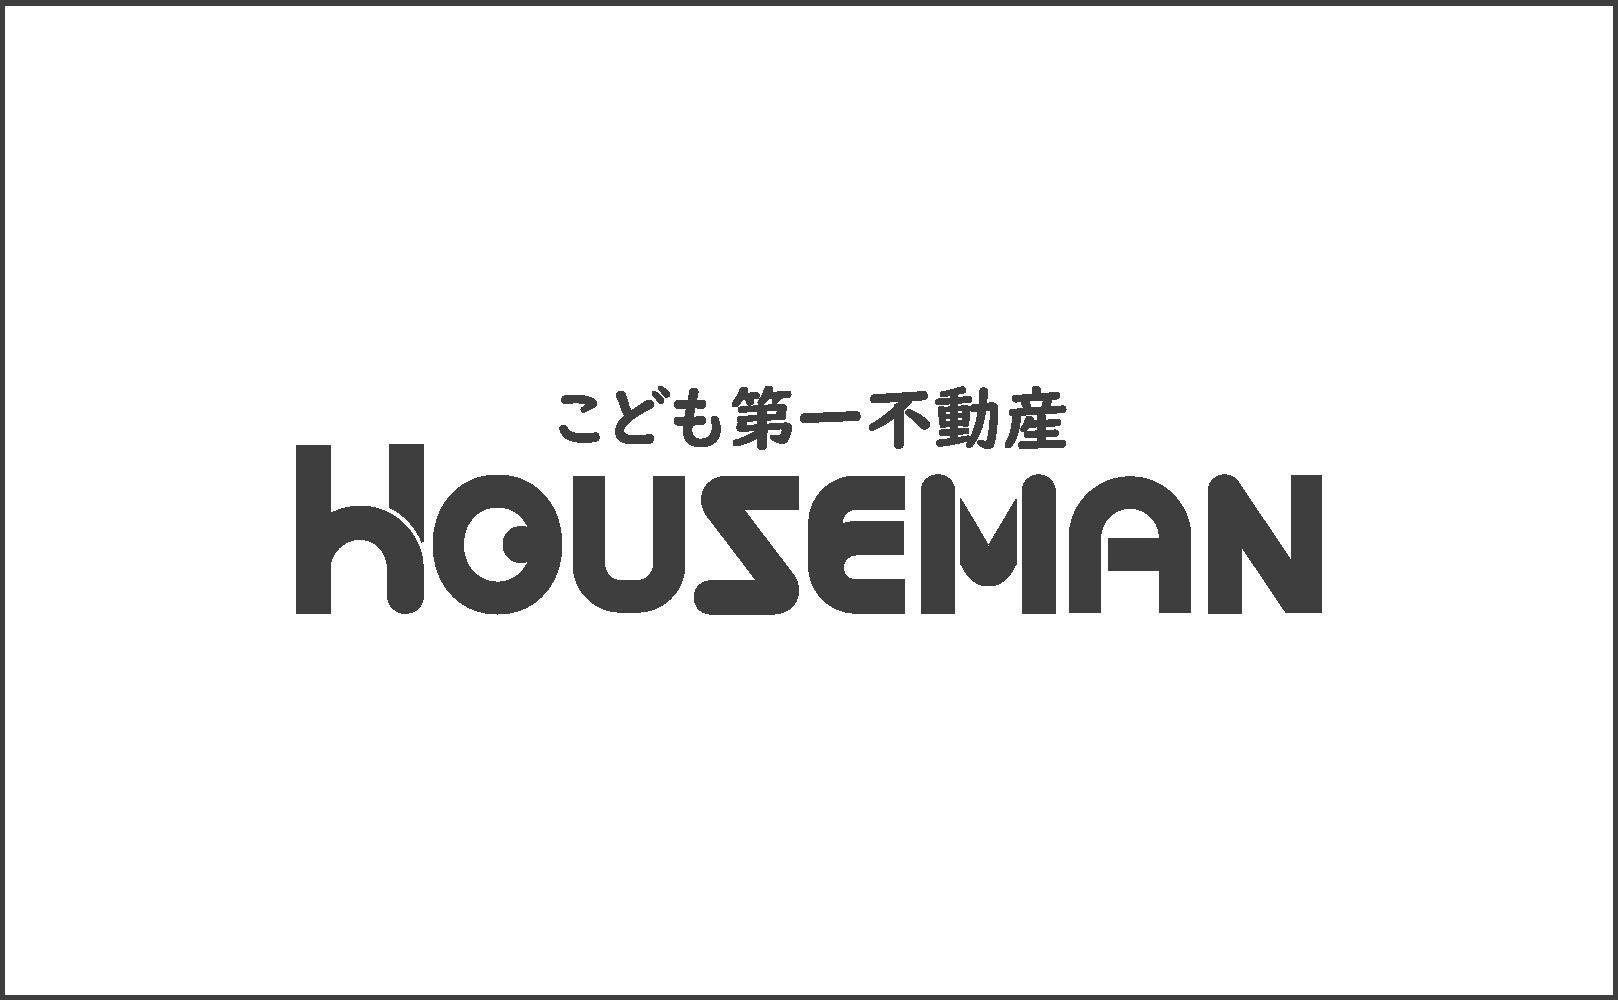 ハウスマンロゴ